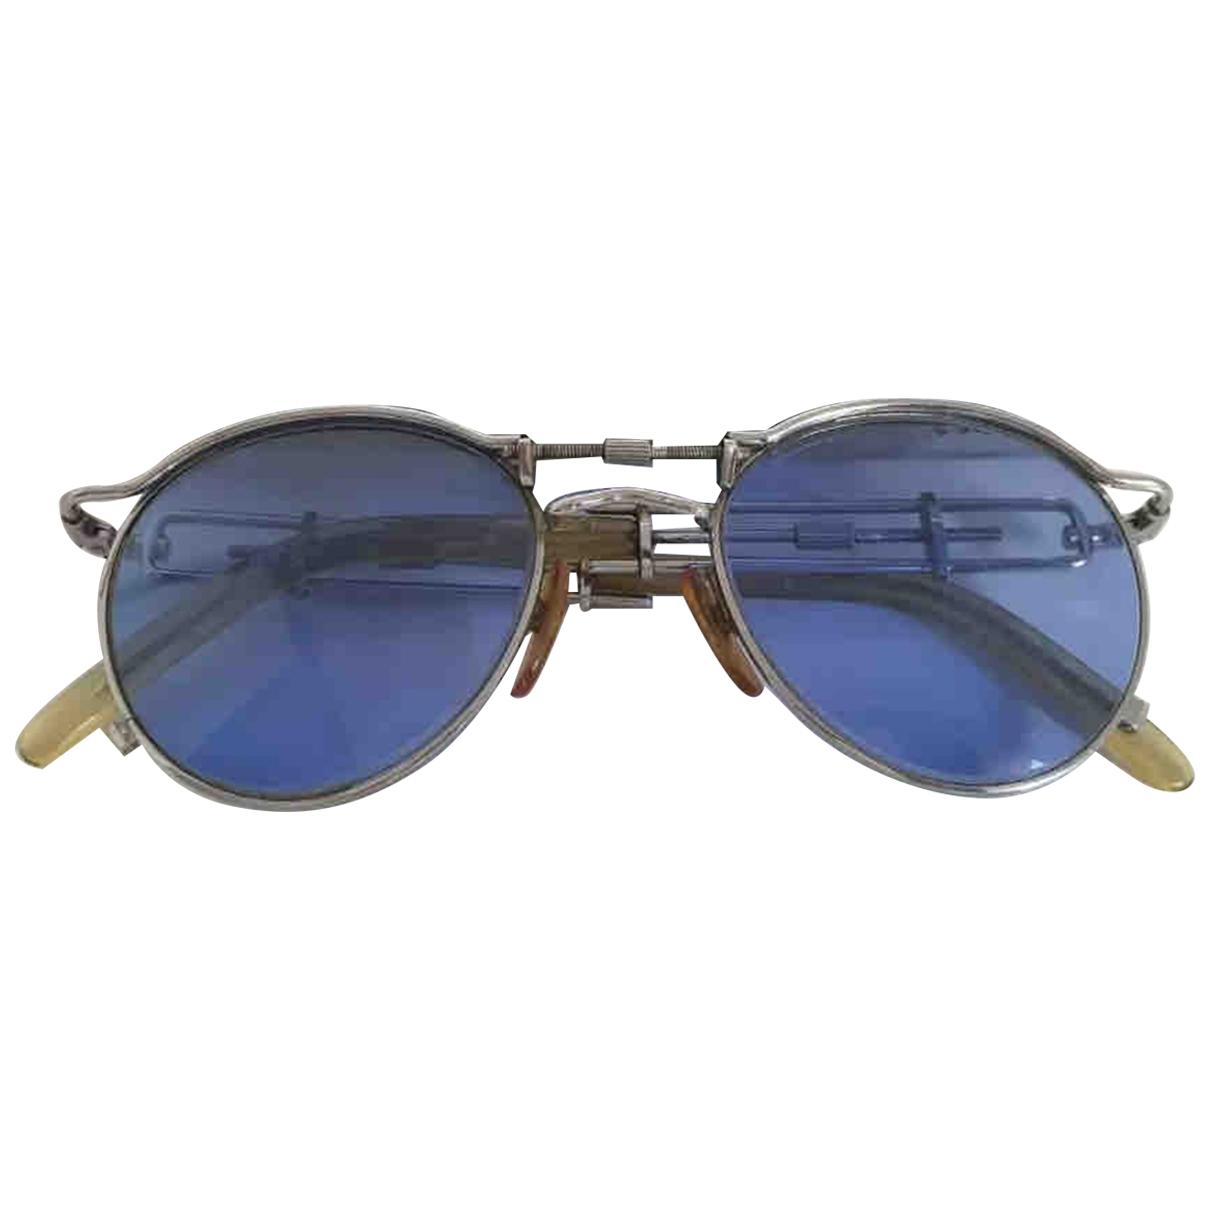 Jean Paul Gaultier \N Silver Metal Sunglasses for Men \N